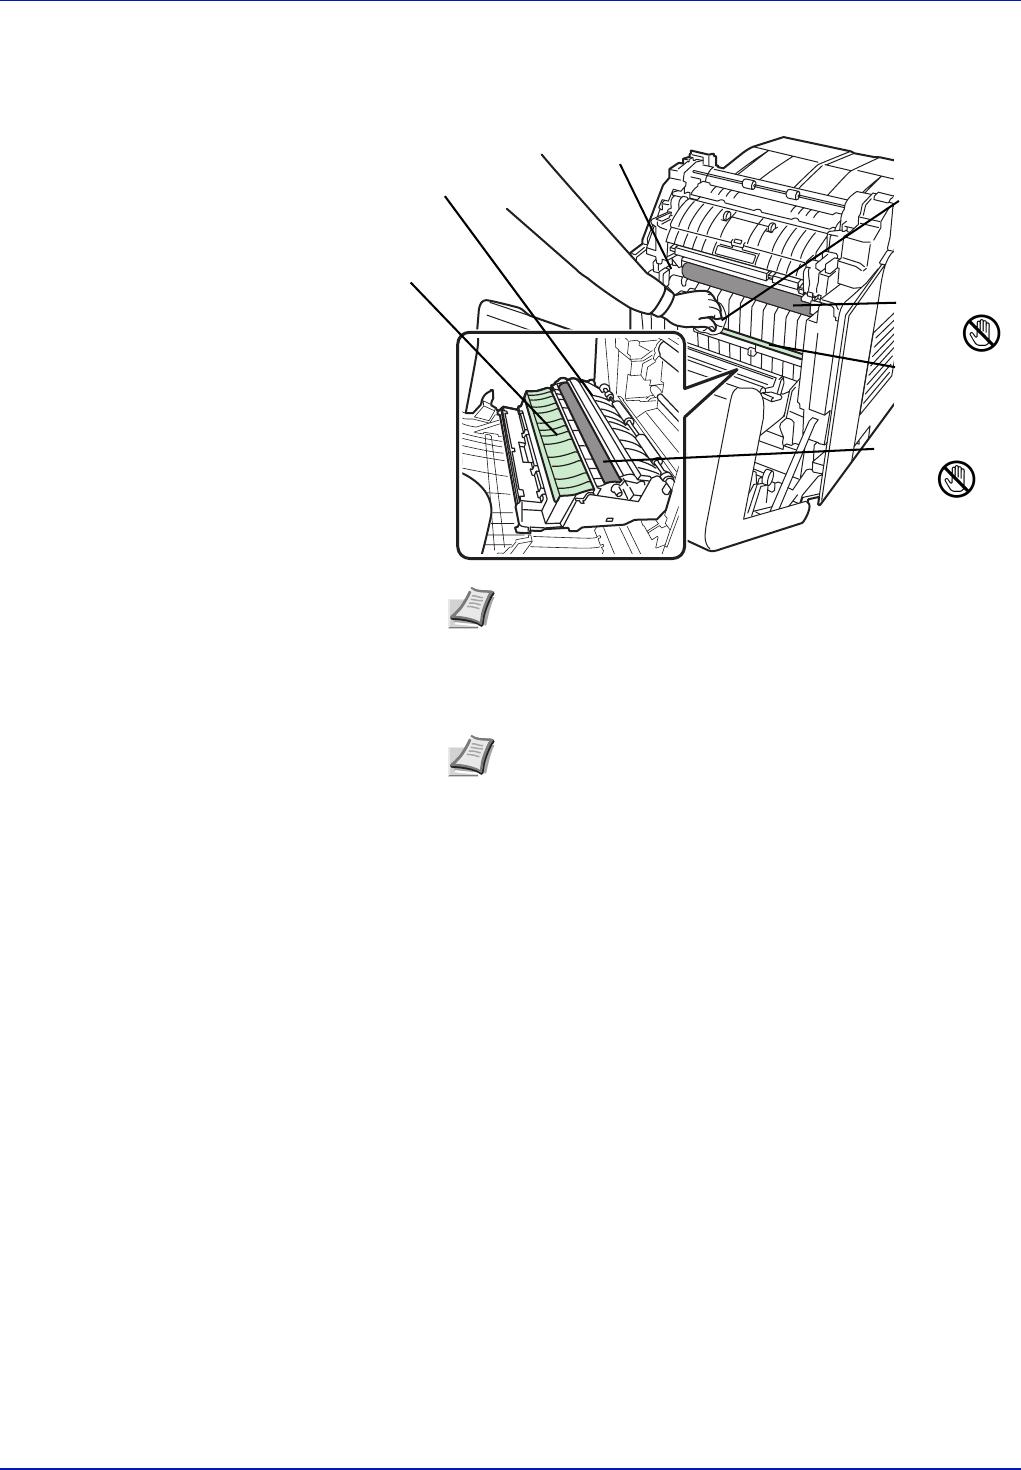 Kyocera FS-C5100DN, FS-C5200DN, FS-C5300DN 3, 4